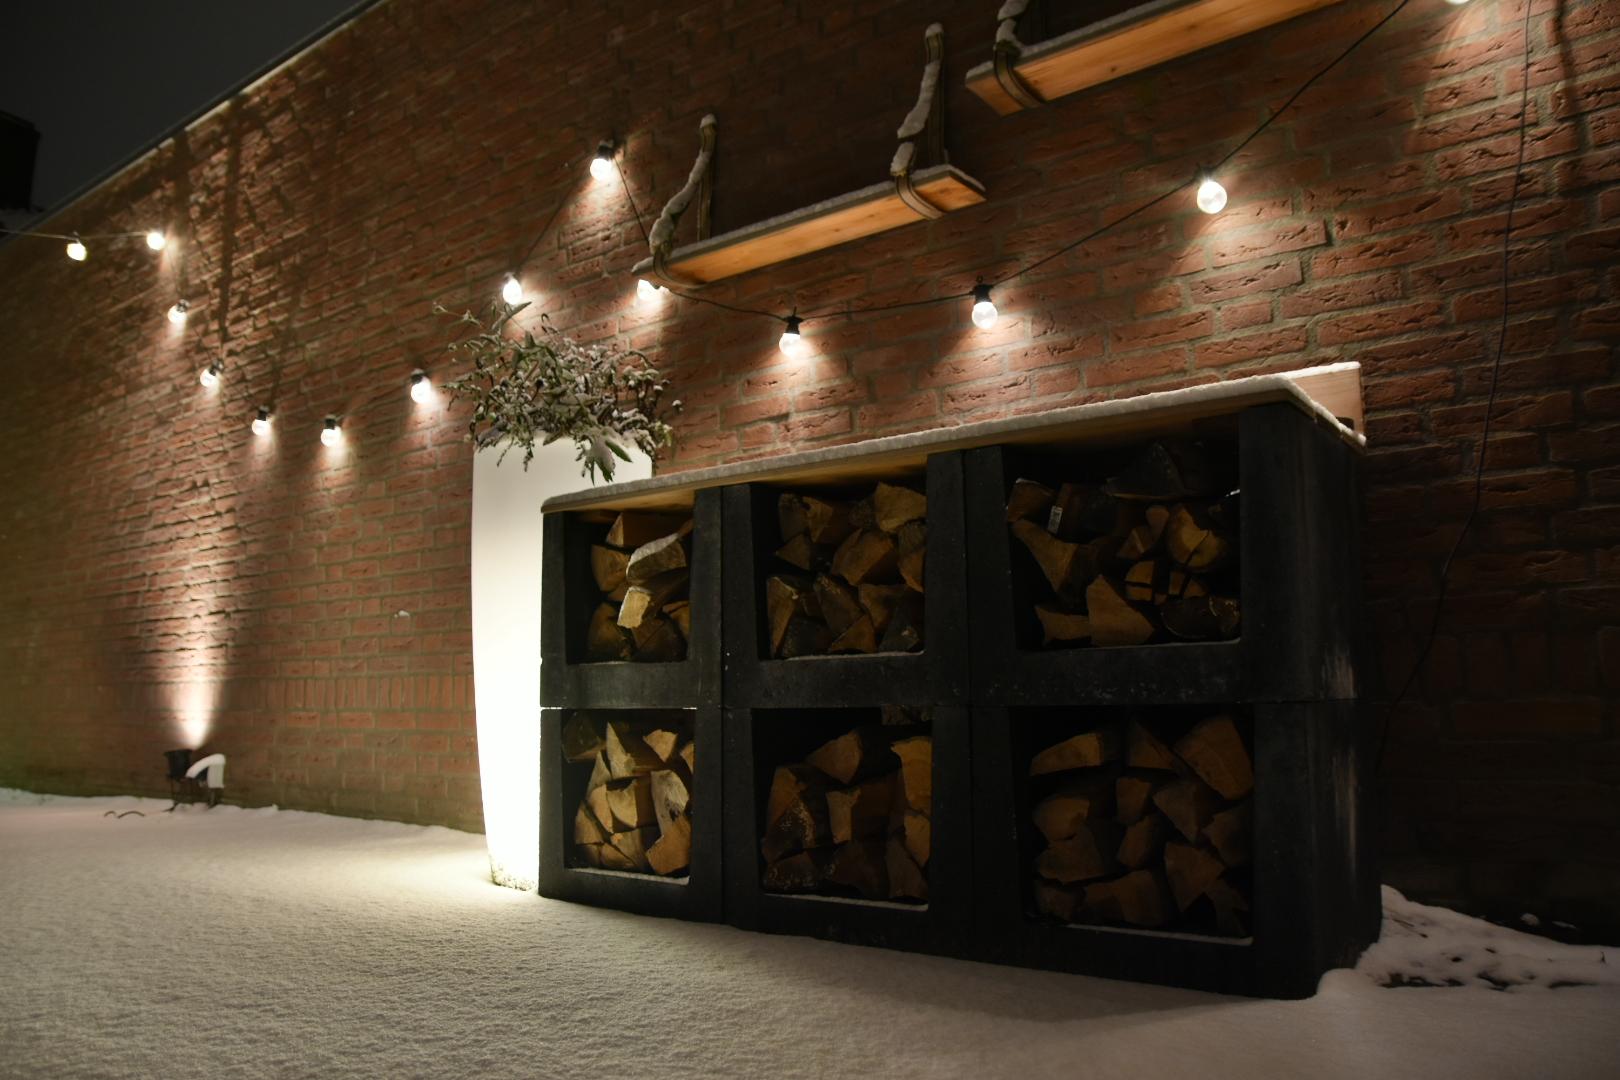 Het creëren van persoonlijke en warme sferen buitenhuis kan nu in een handomdraai.